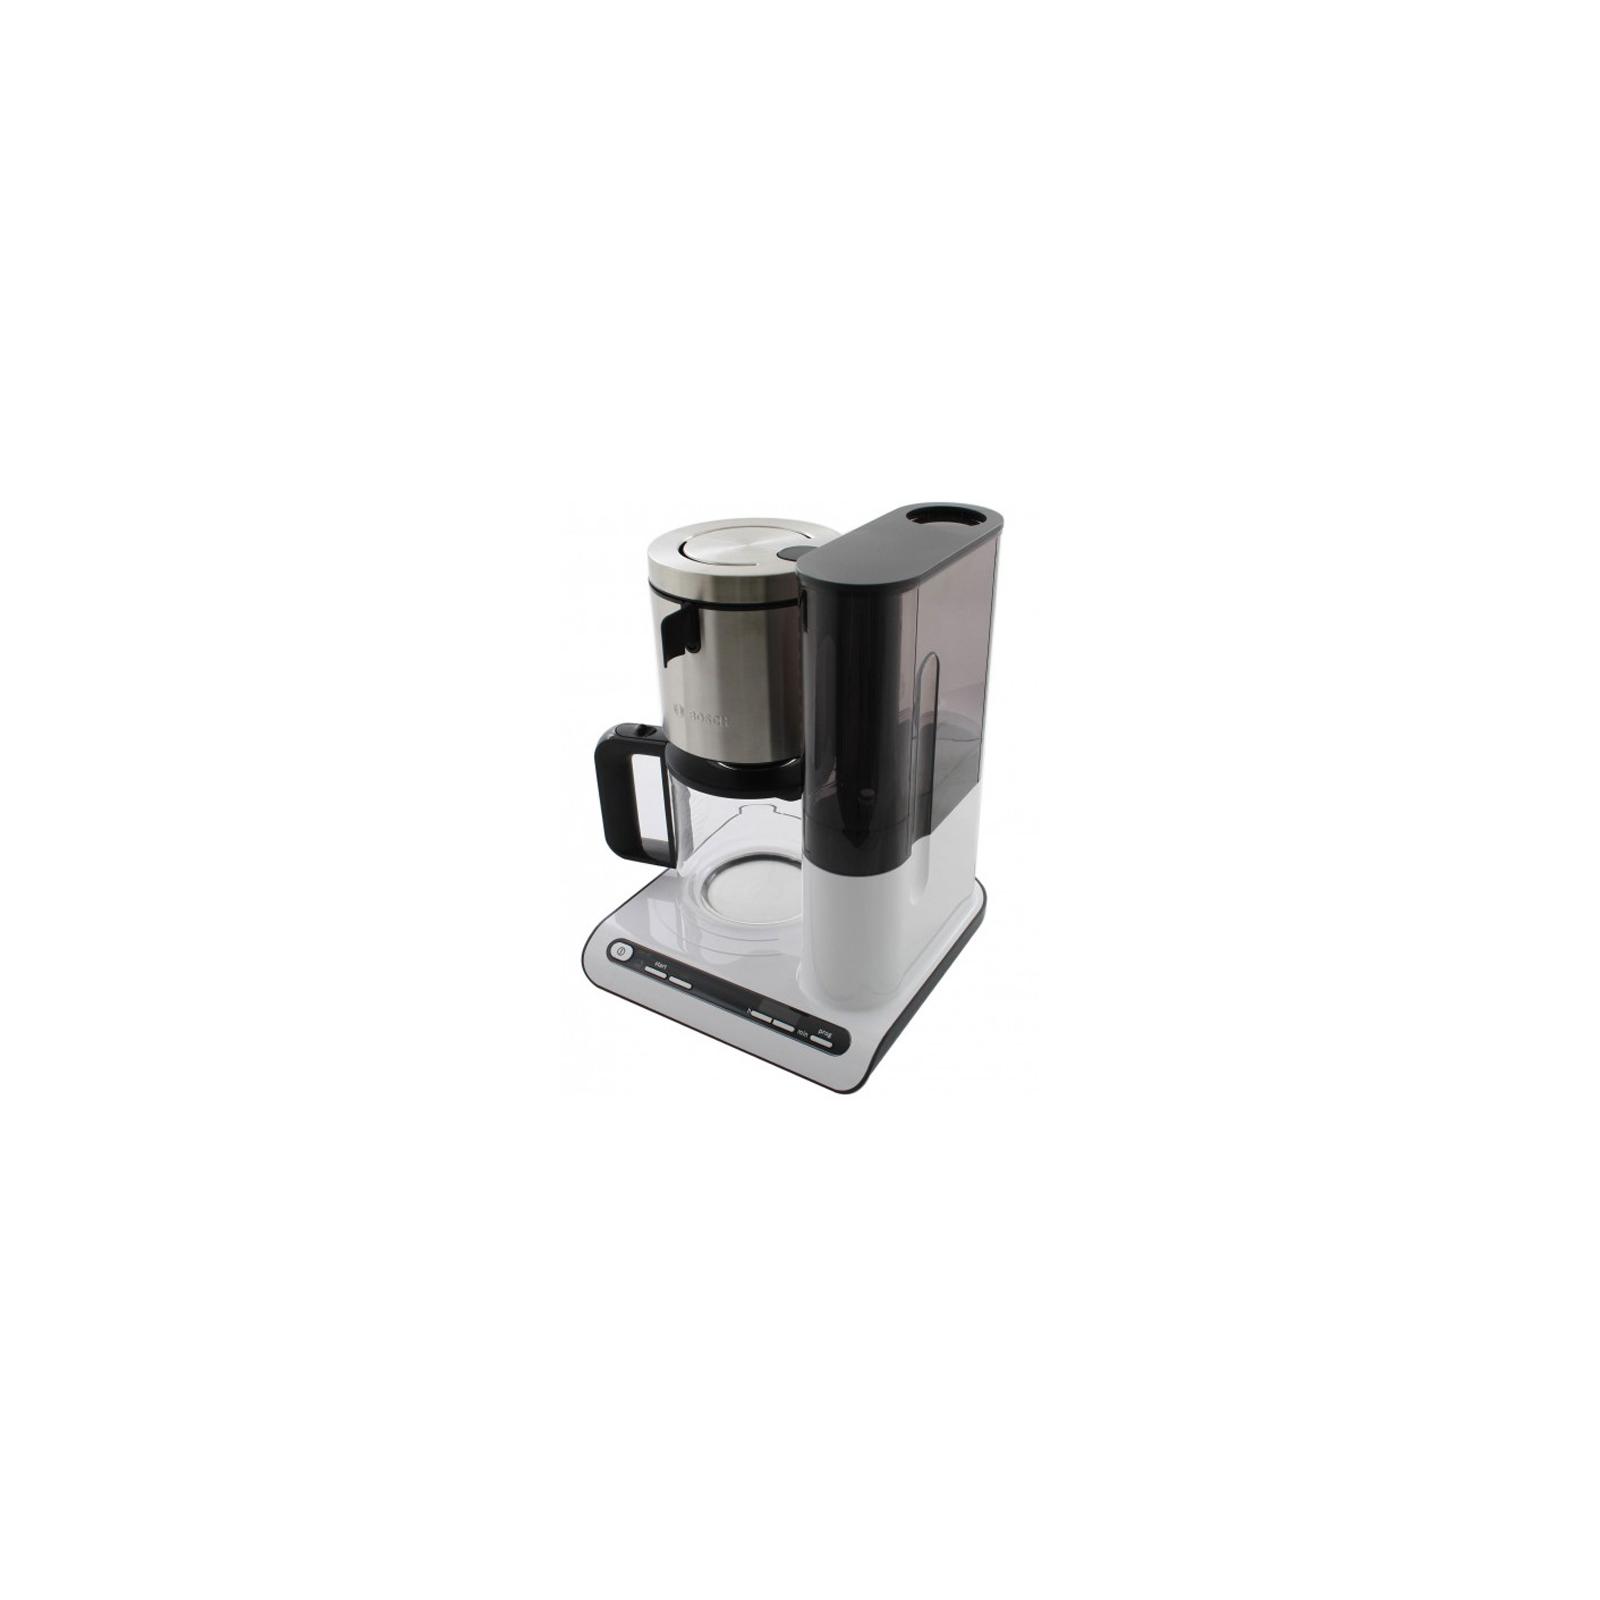 Кофеварка BOSCH TKA8631 изображение 3